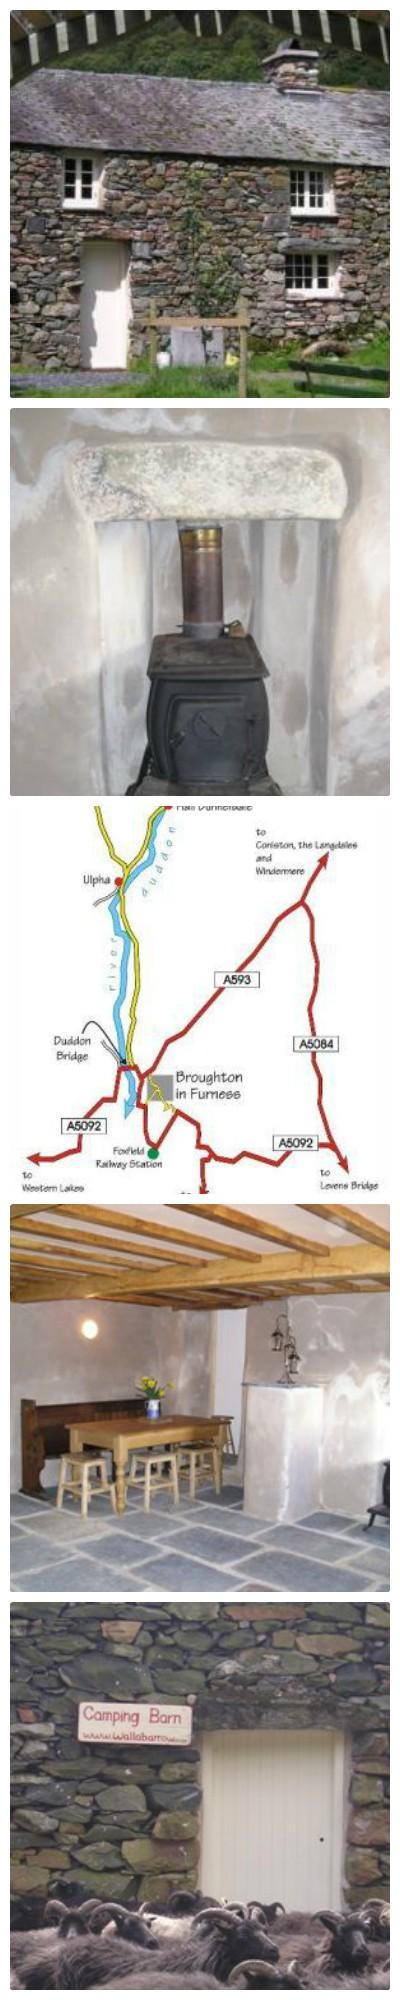 High Wallabarrow Camping Barn - Sleeps 10 in the Duddon Valley